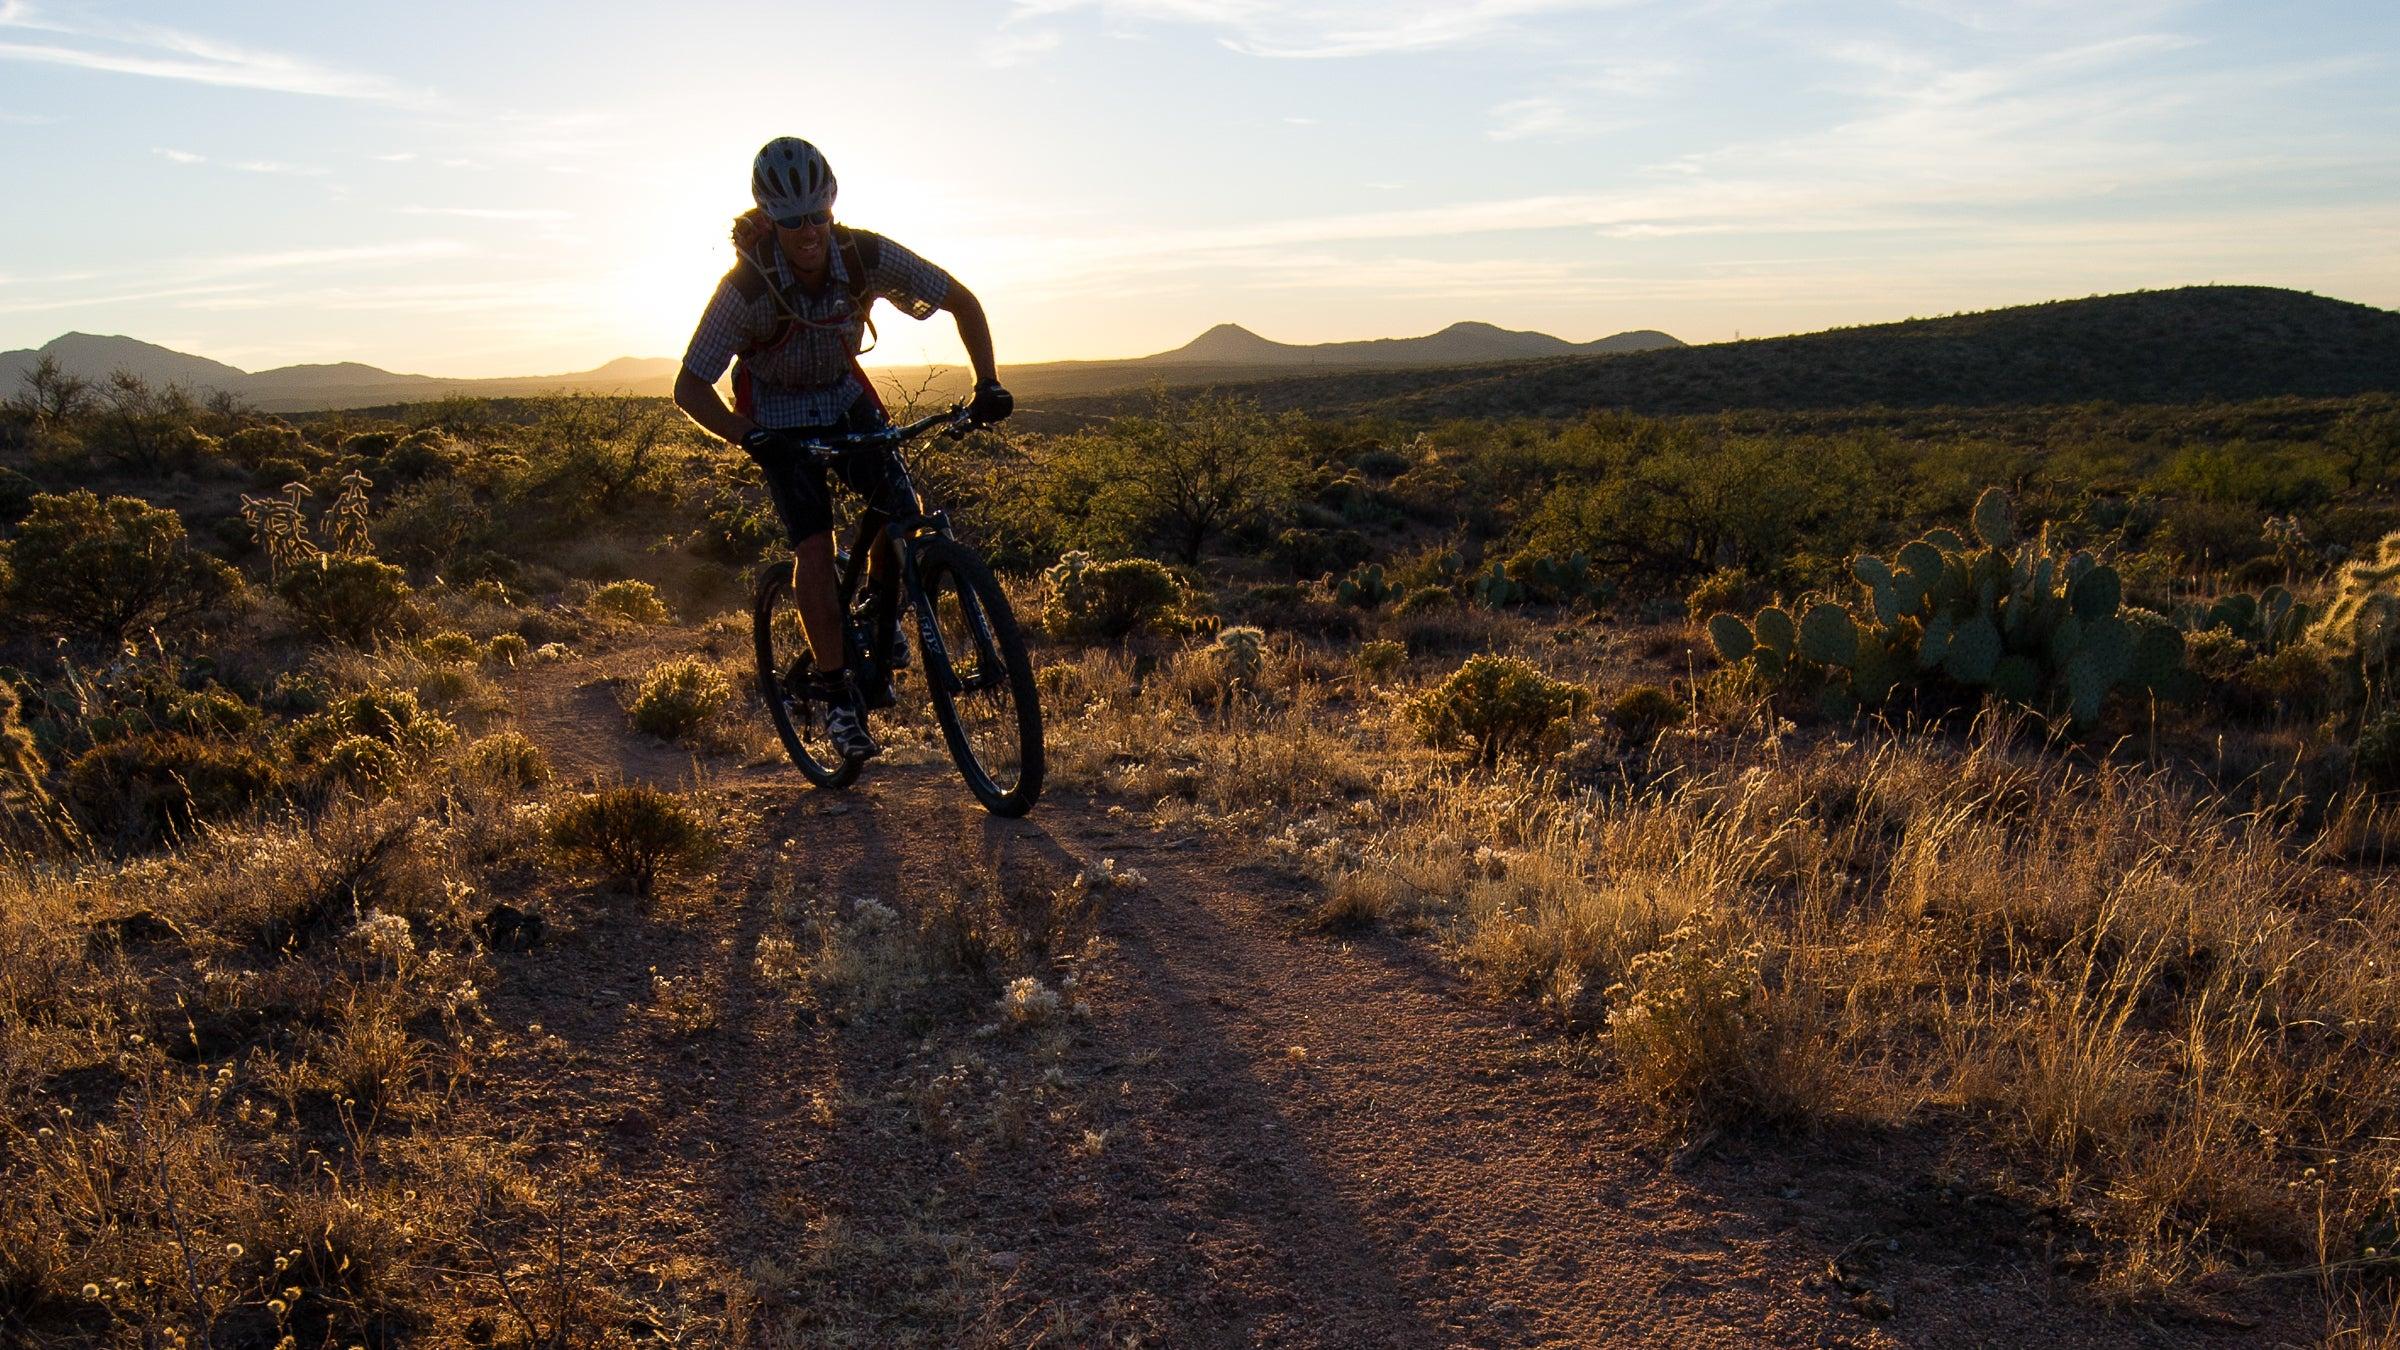 Mountain biking from the Kelvin Bridge to Superior on the Arizona Trail.